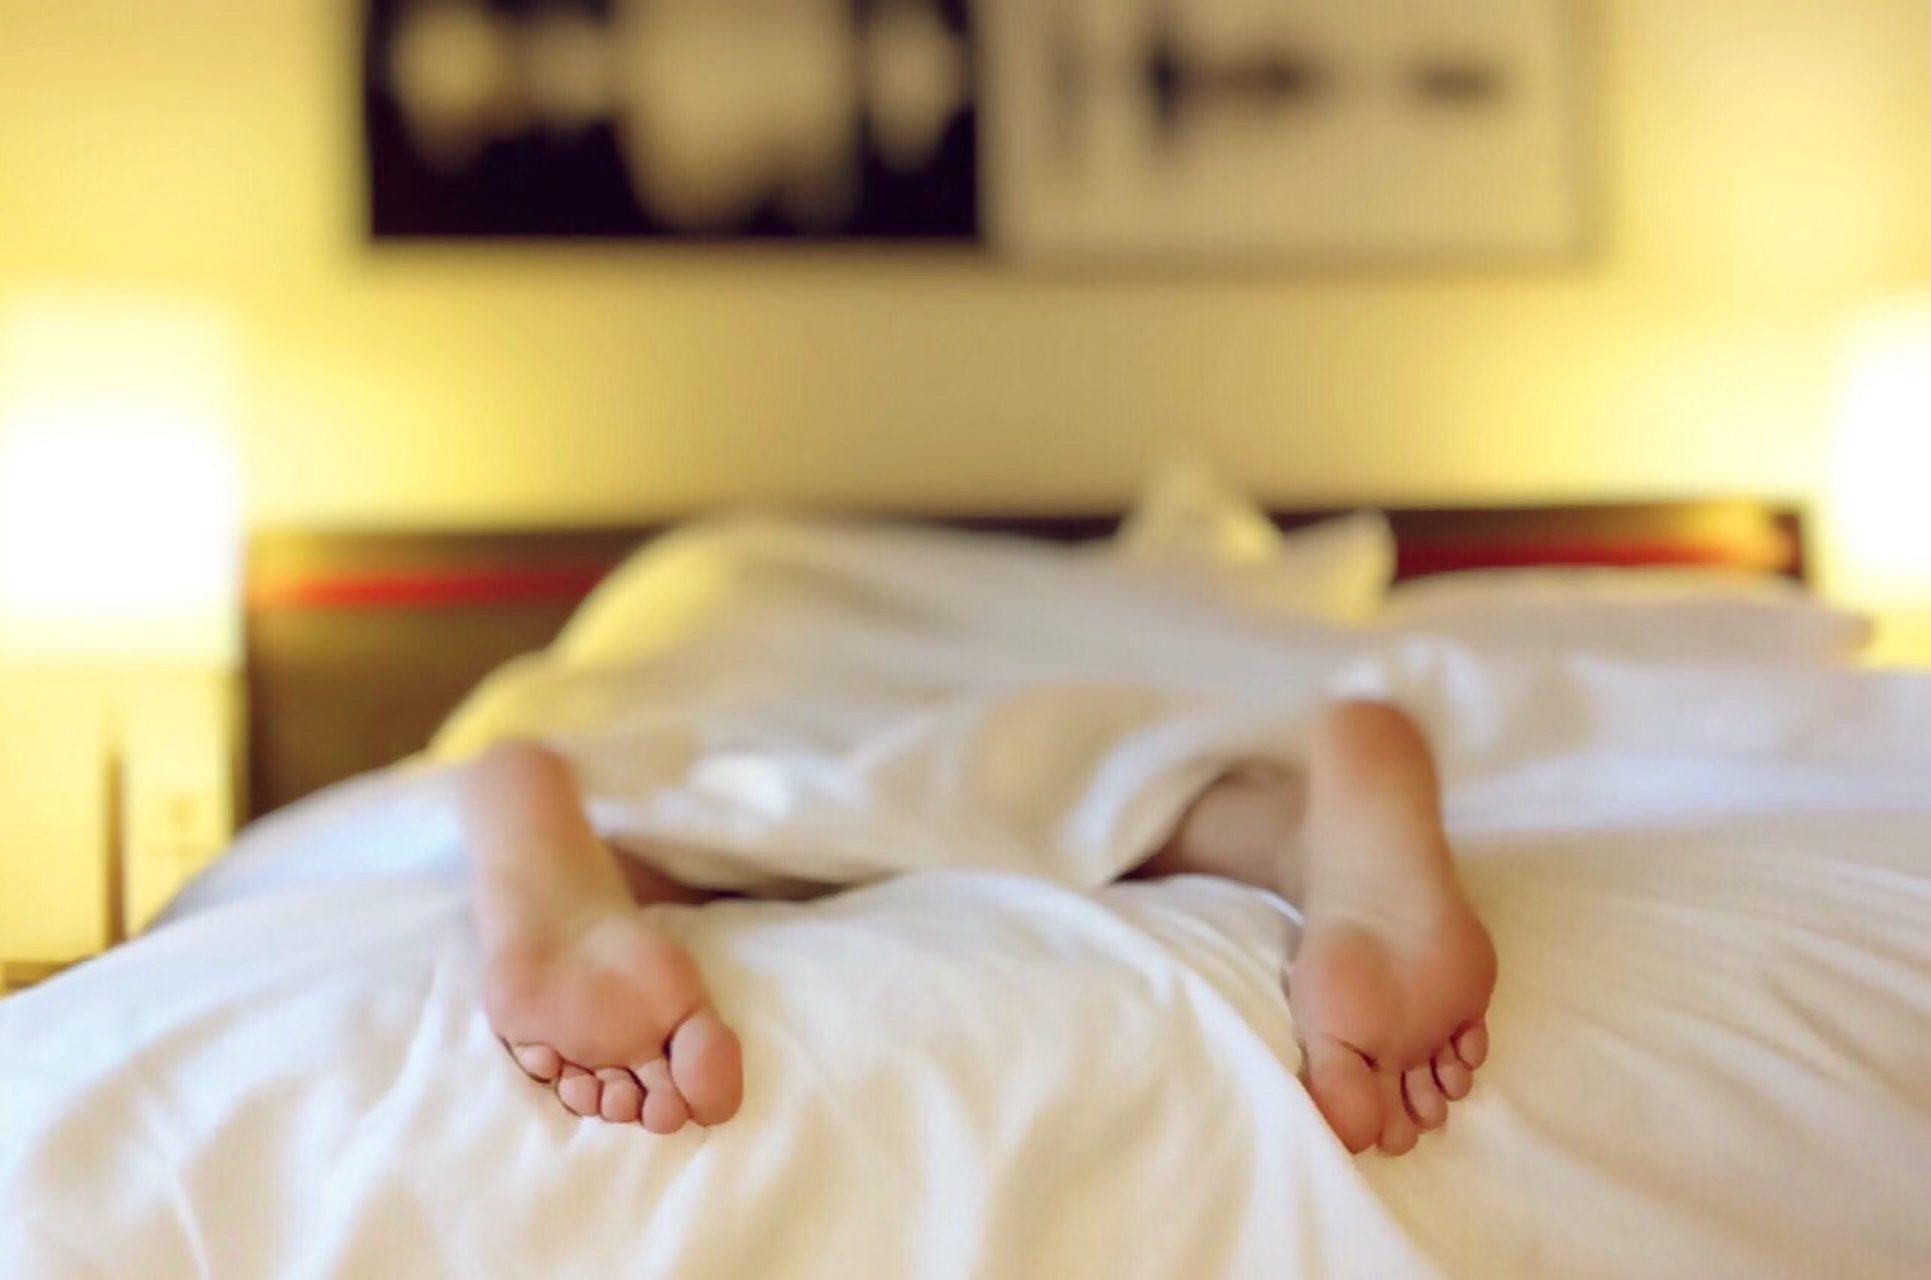 Fussmassage Massagegeraet Fussreflex Zonen Massage Fussmassagegeraet